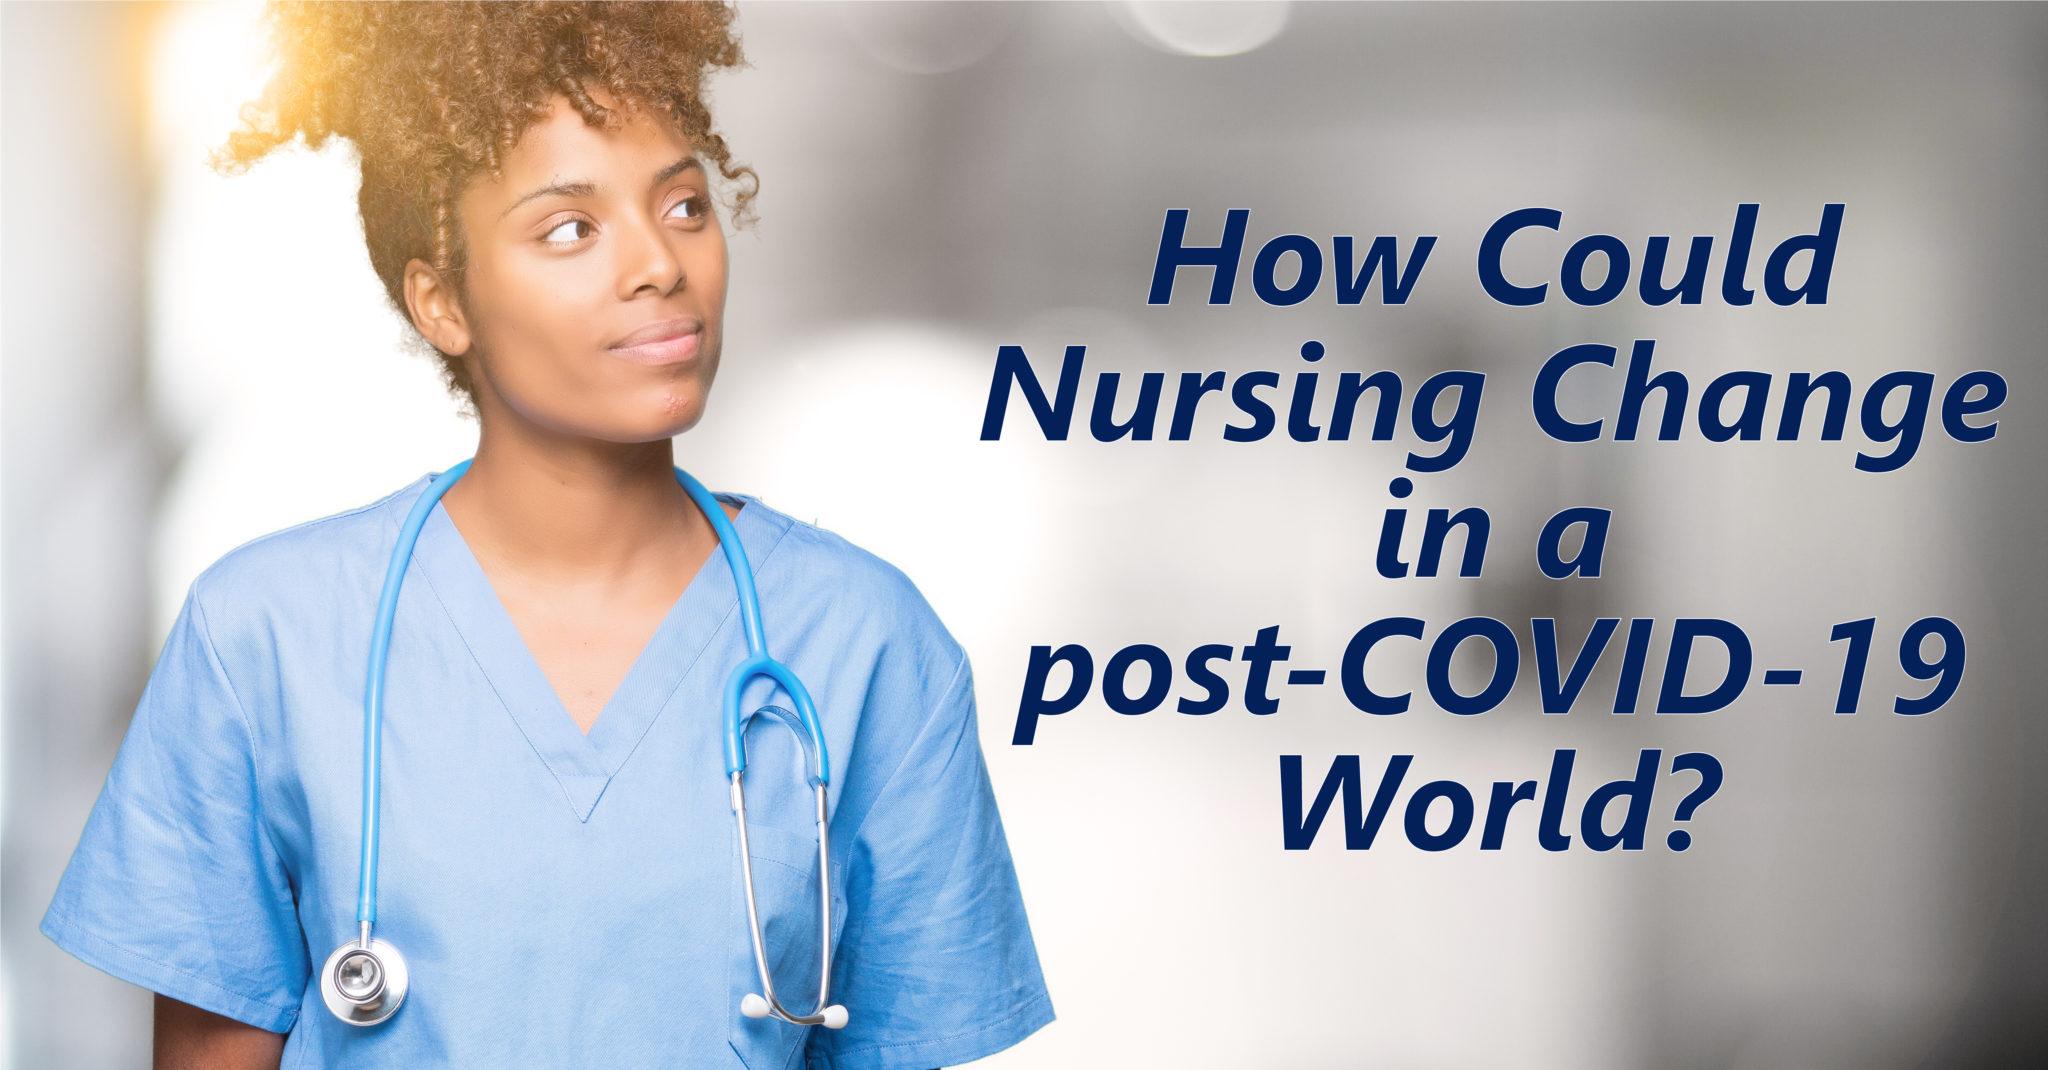 Nursing in post COVID-19